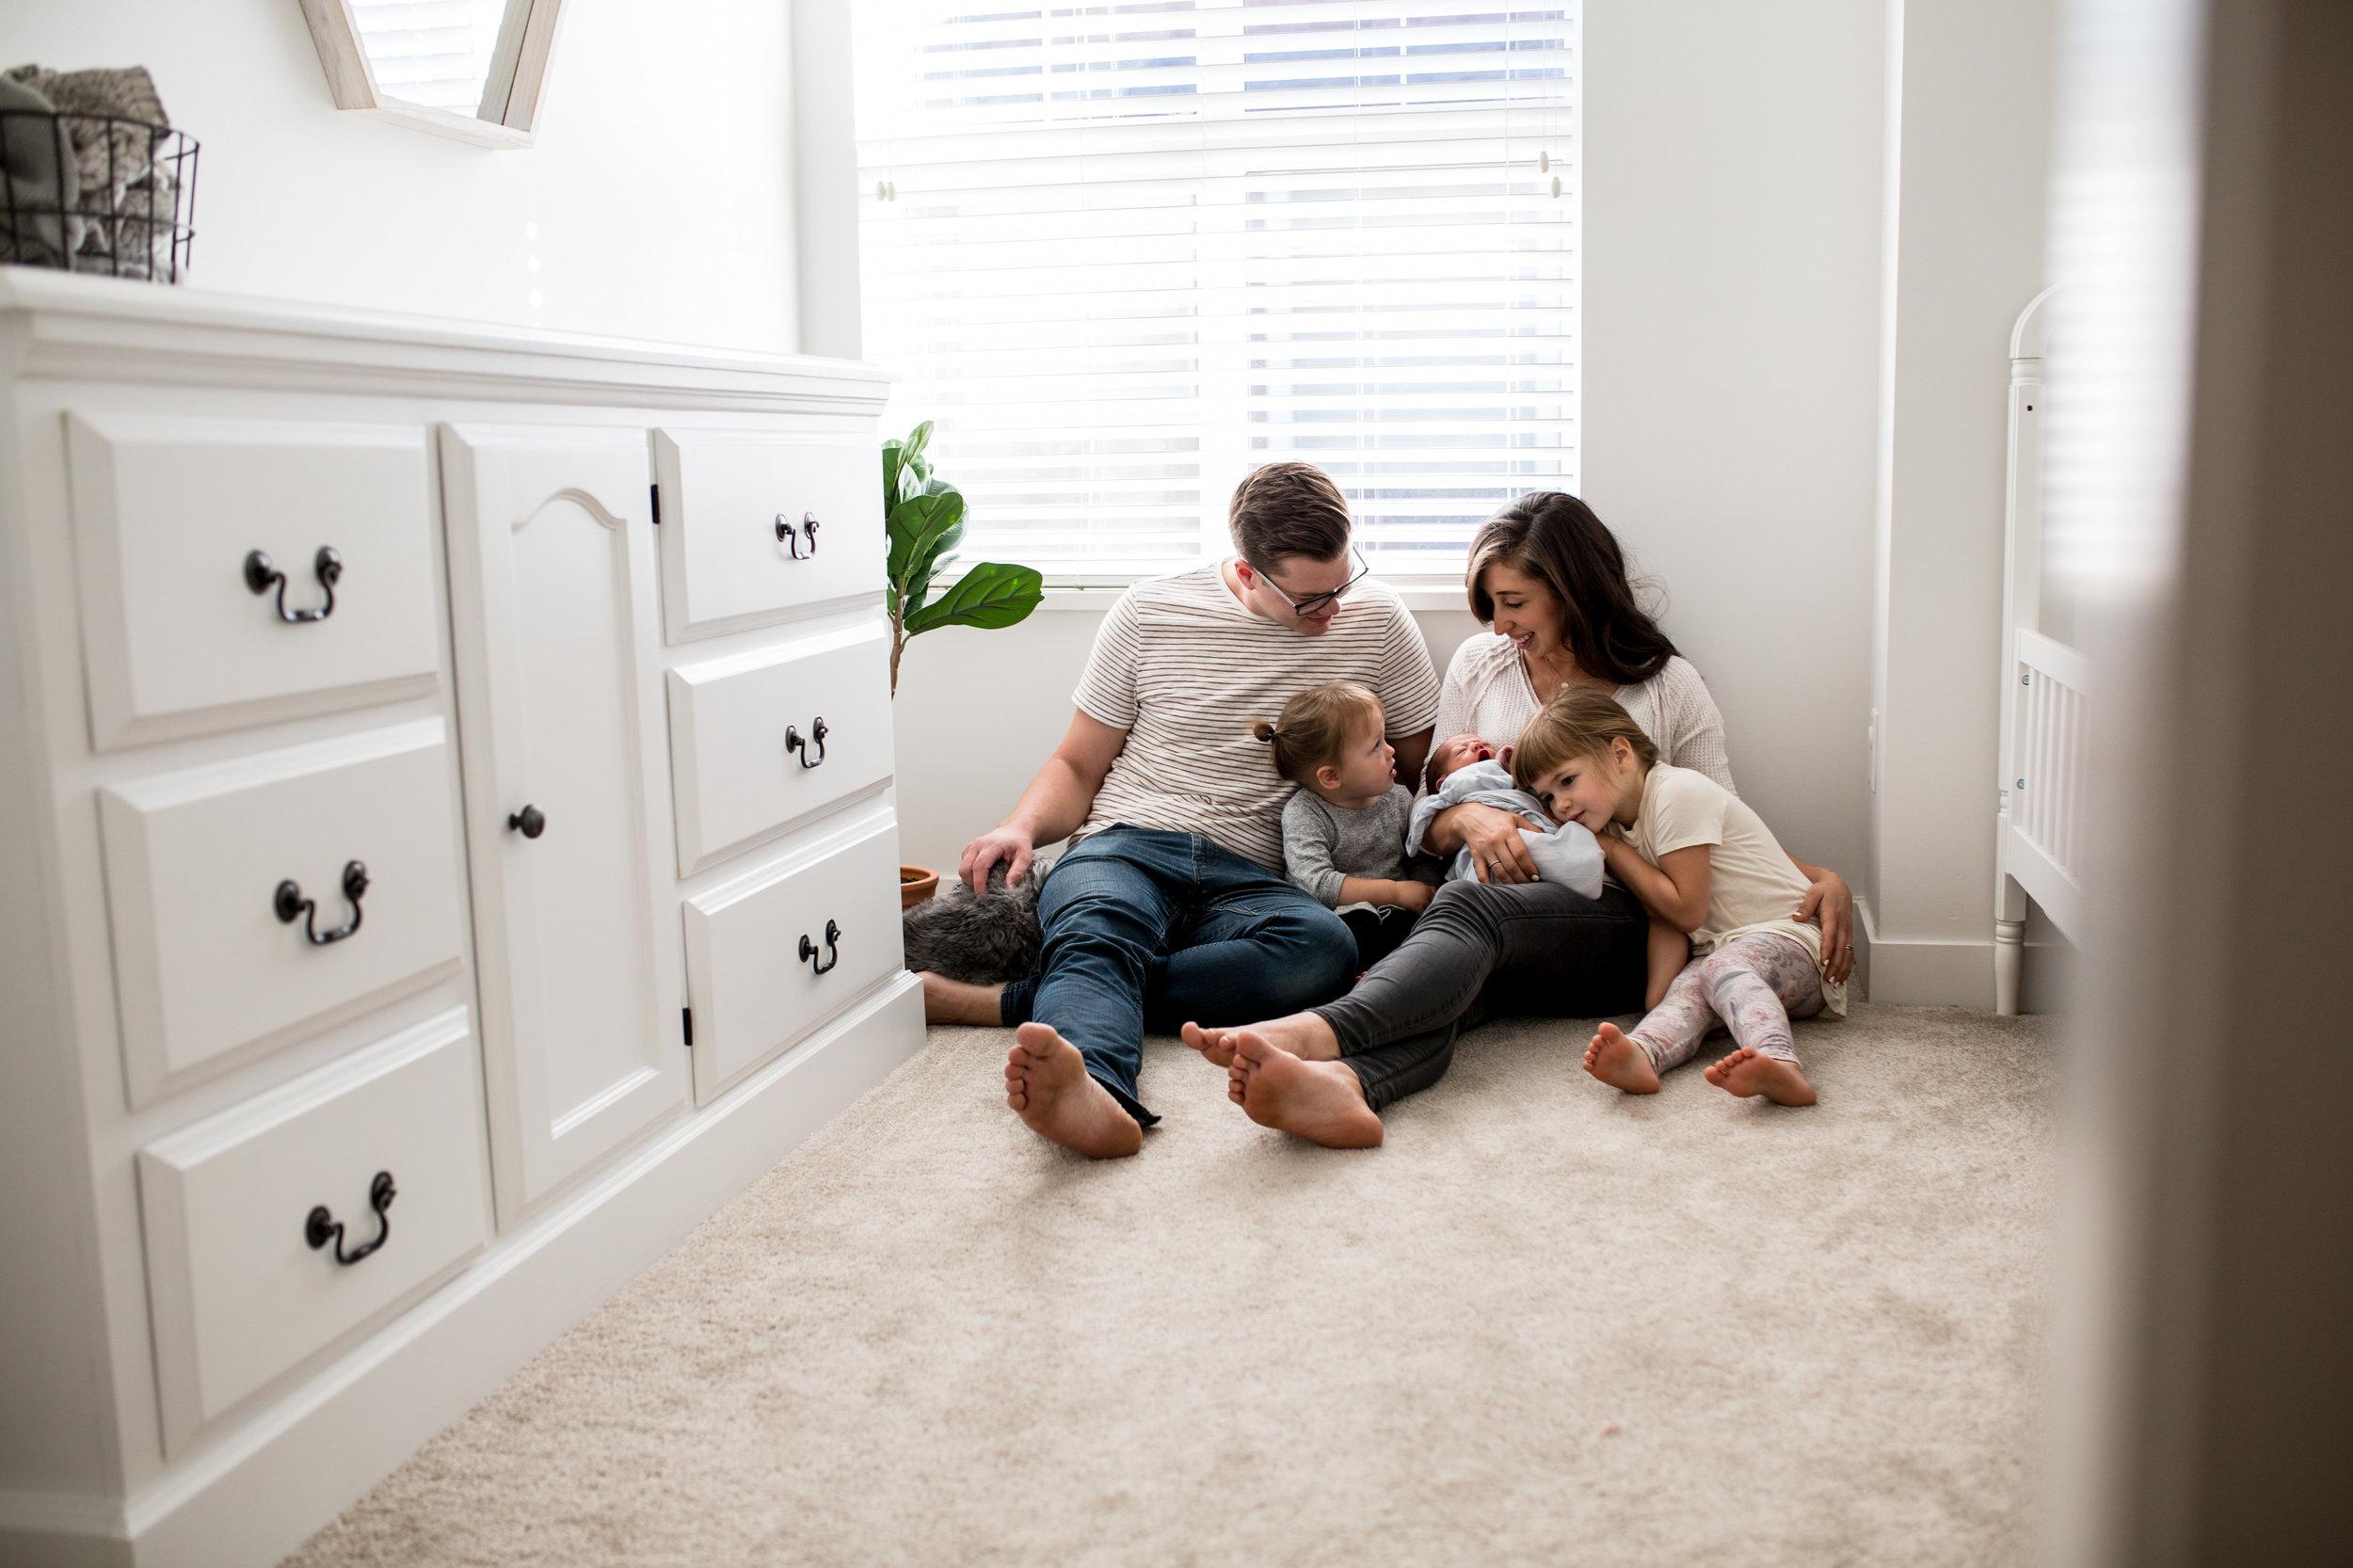 newborn photography family bedroom floor